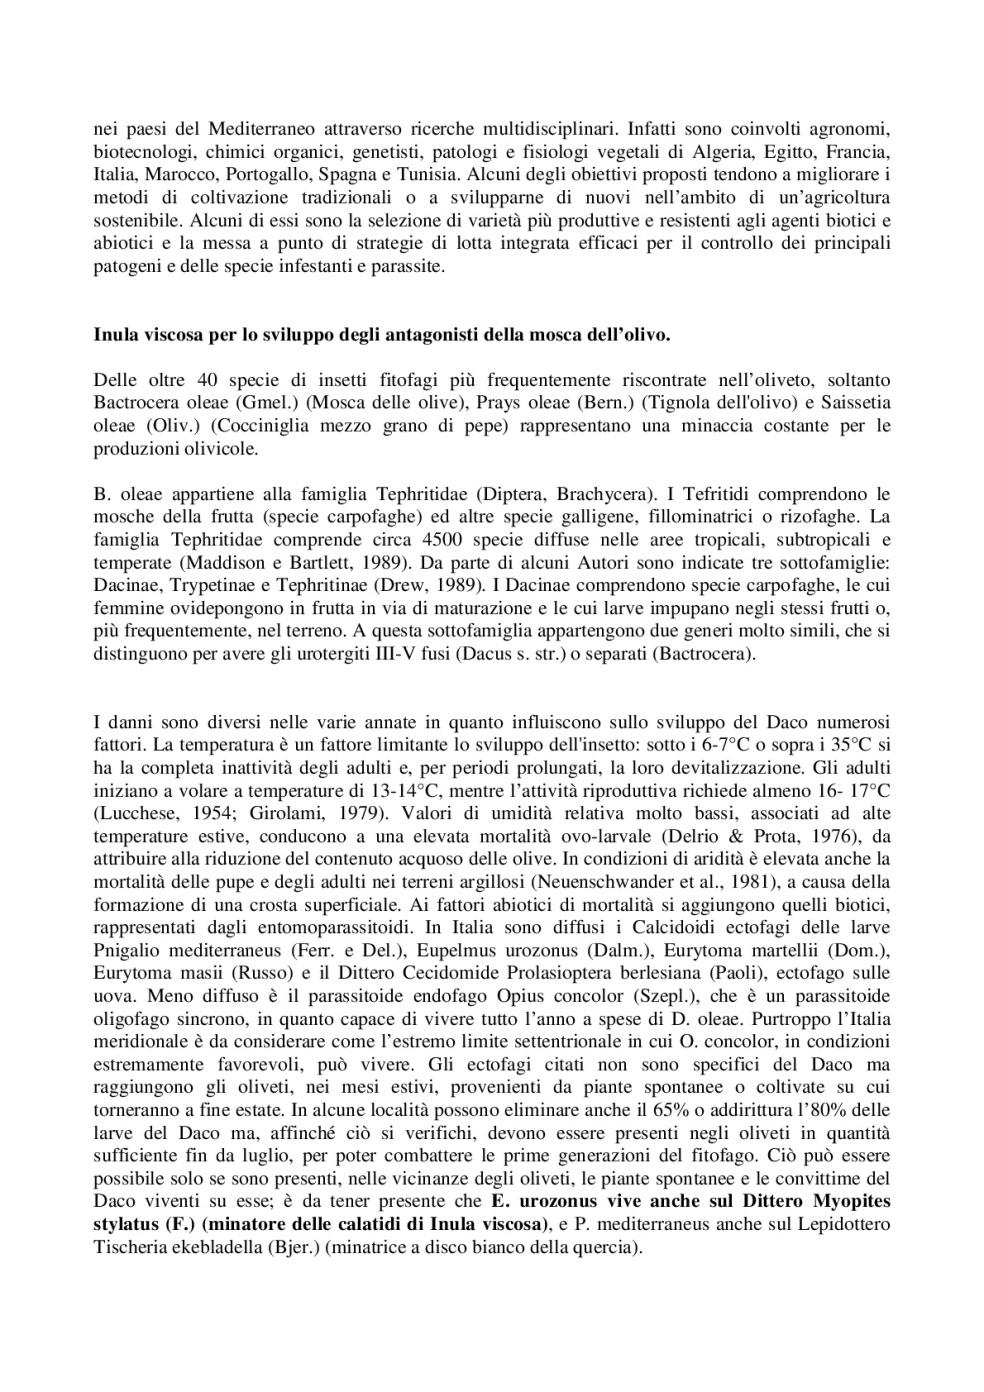 Inula-Viscosa_-controllo-della-mosca-dell'olivo-e-protezione-delle-api-da-varroa-003